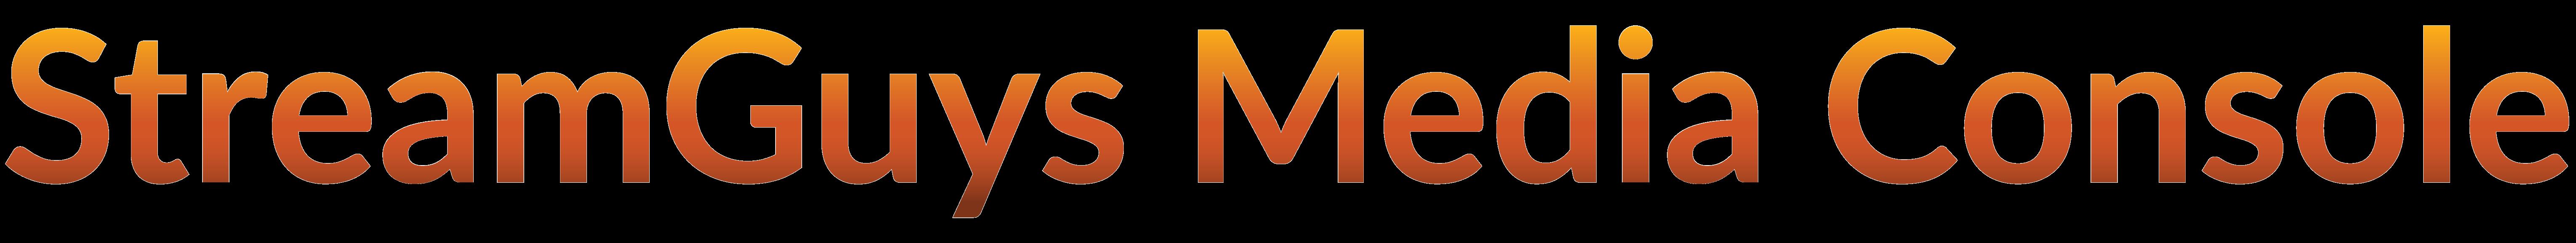 SGMC logo